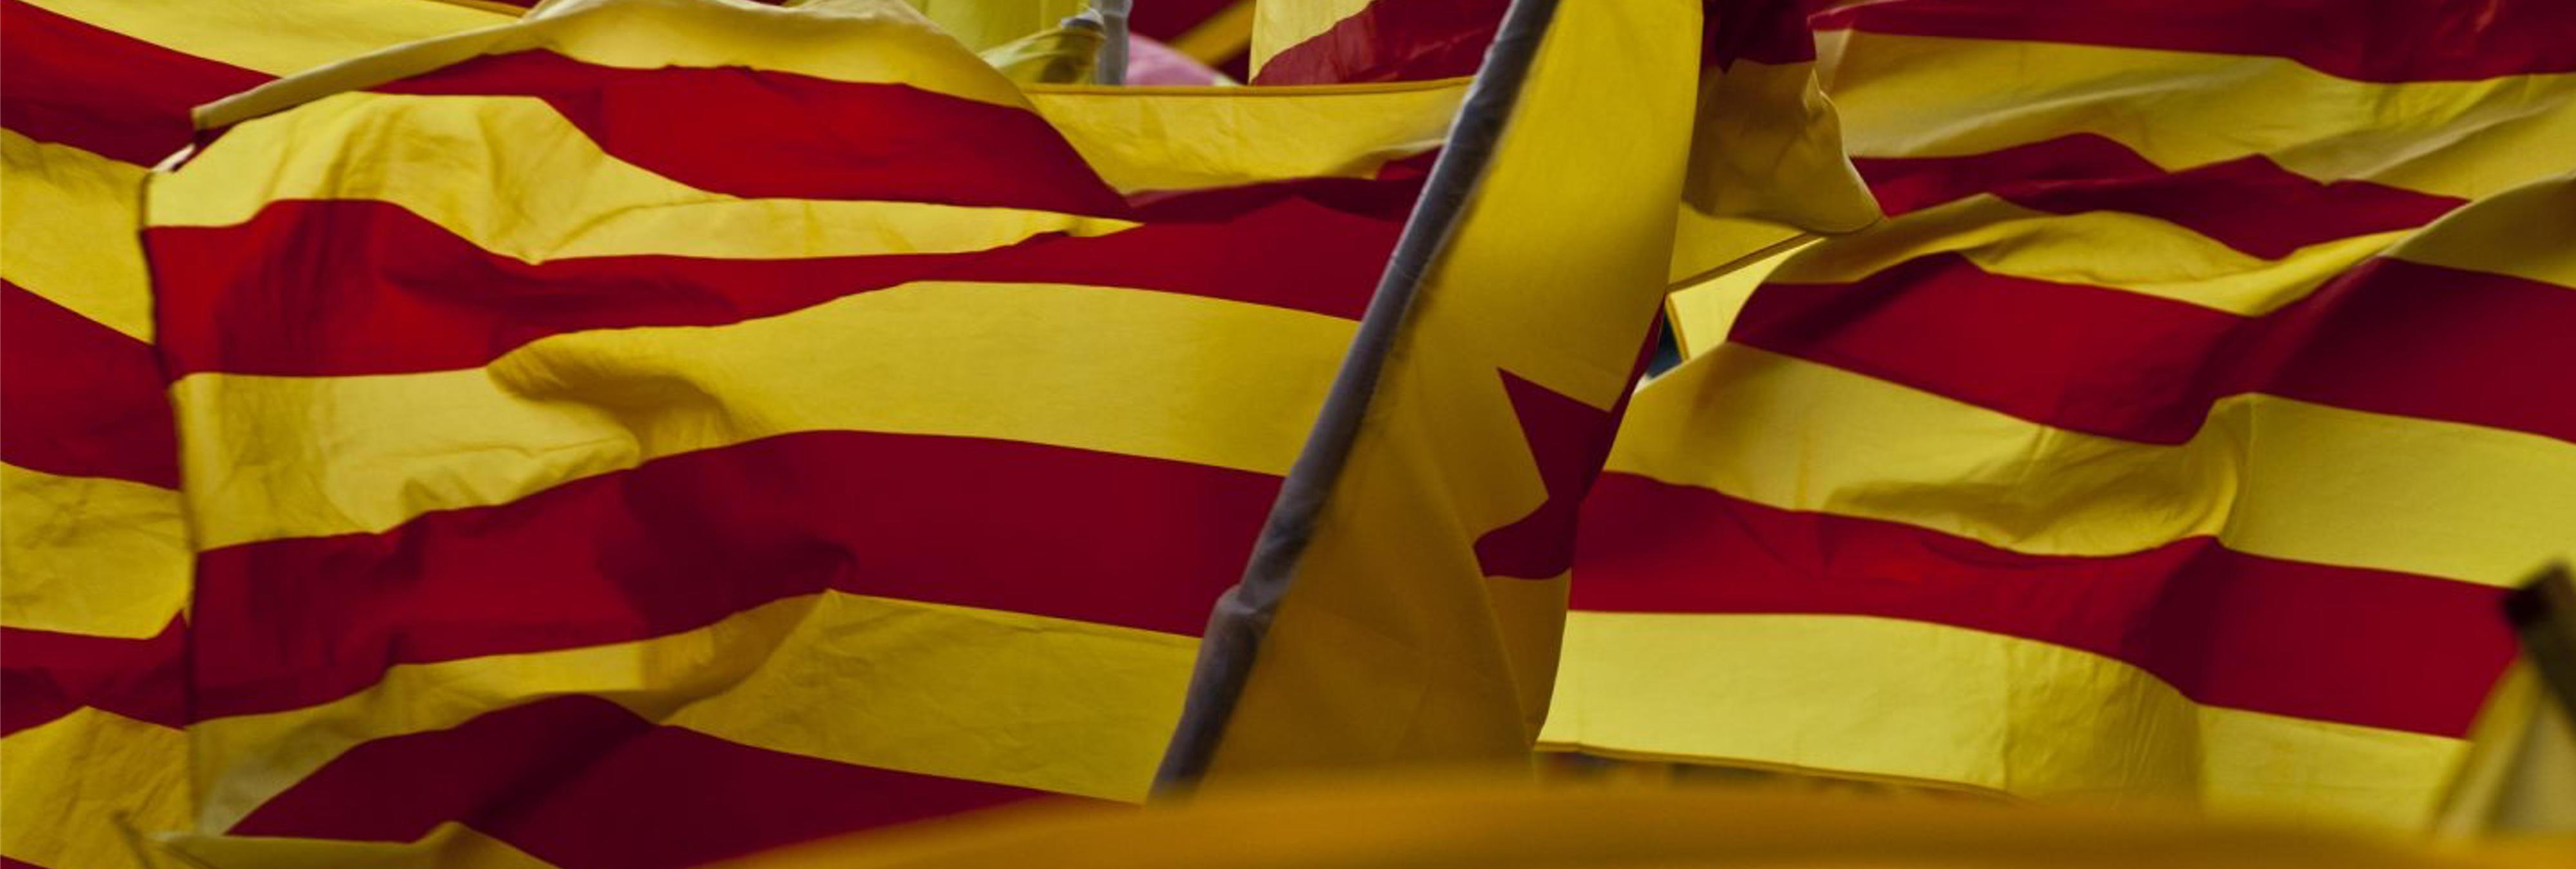 Fractura en Cataluña: 150 denuncias por delitos de odio desde el 1-O